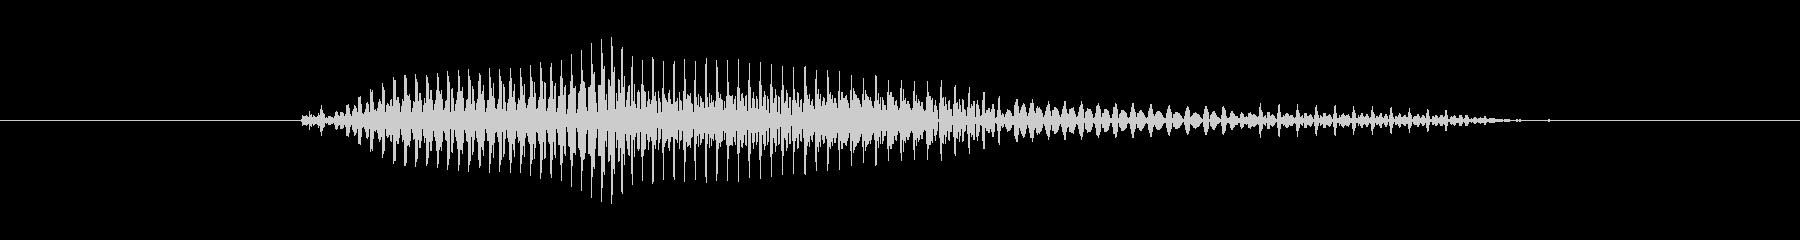 グアムの未再生の波形